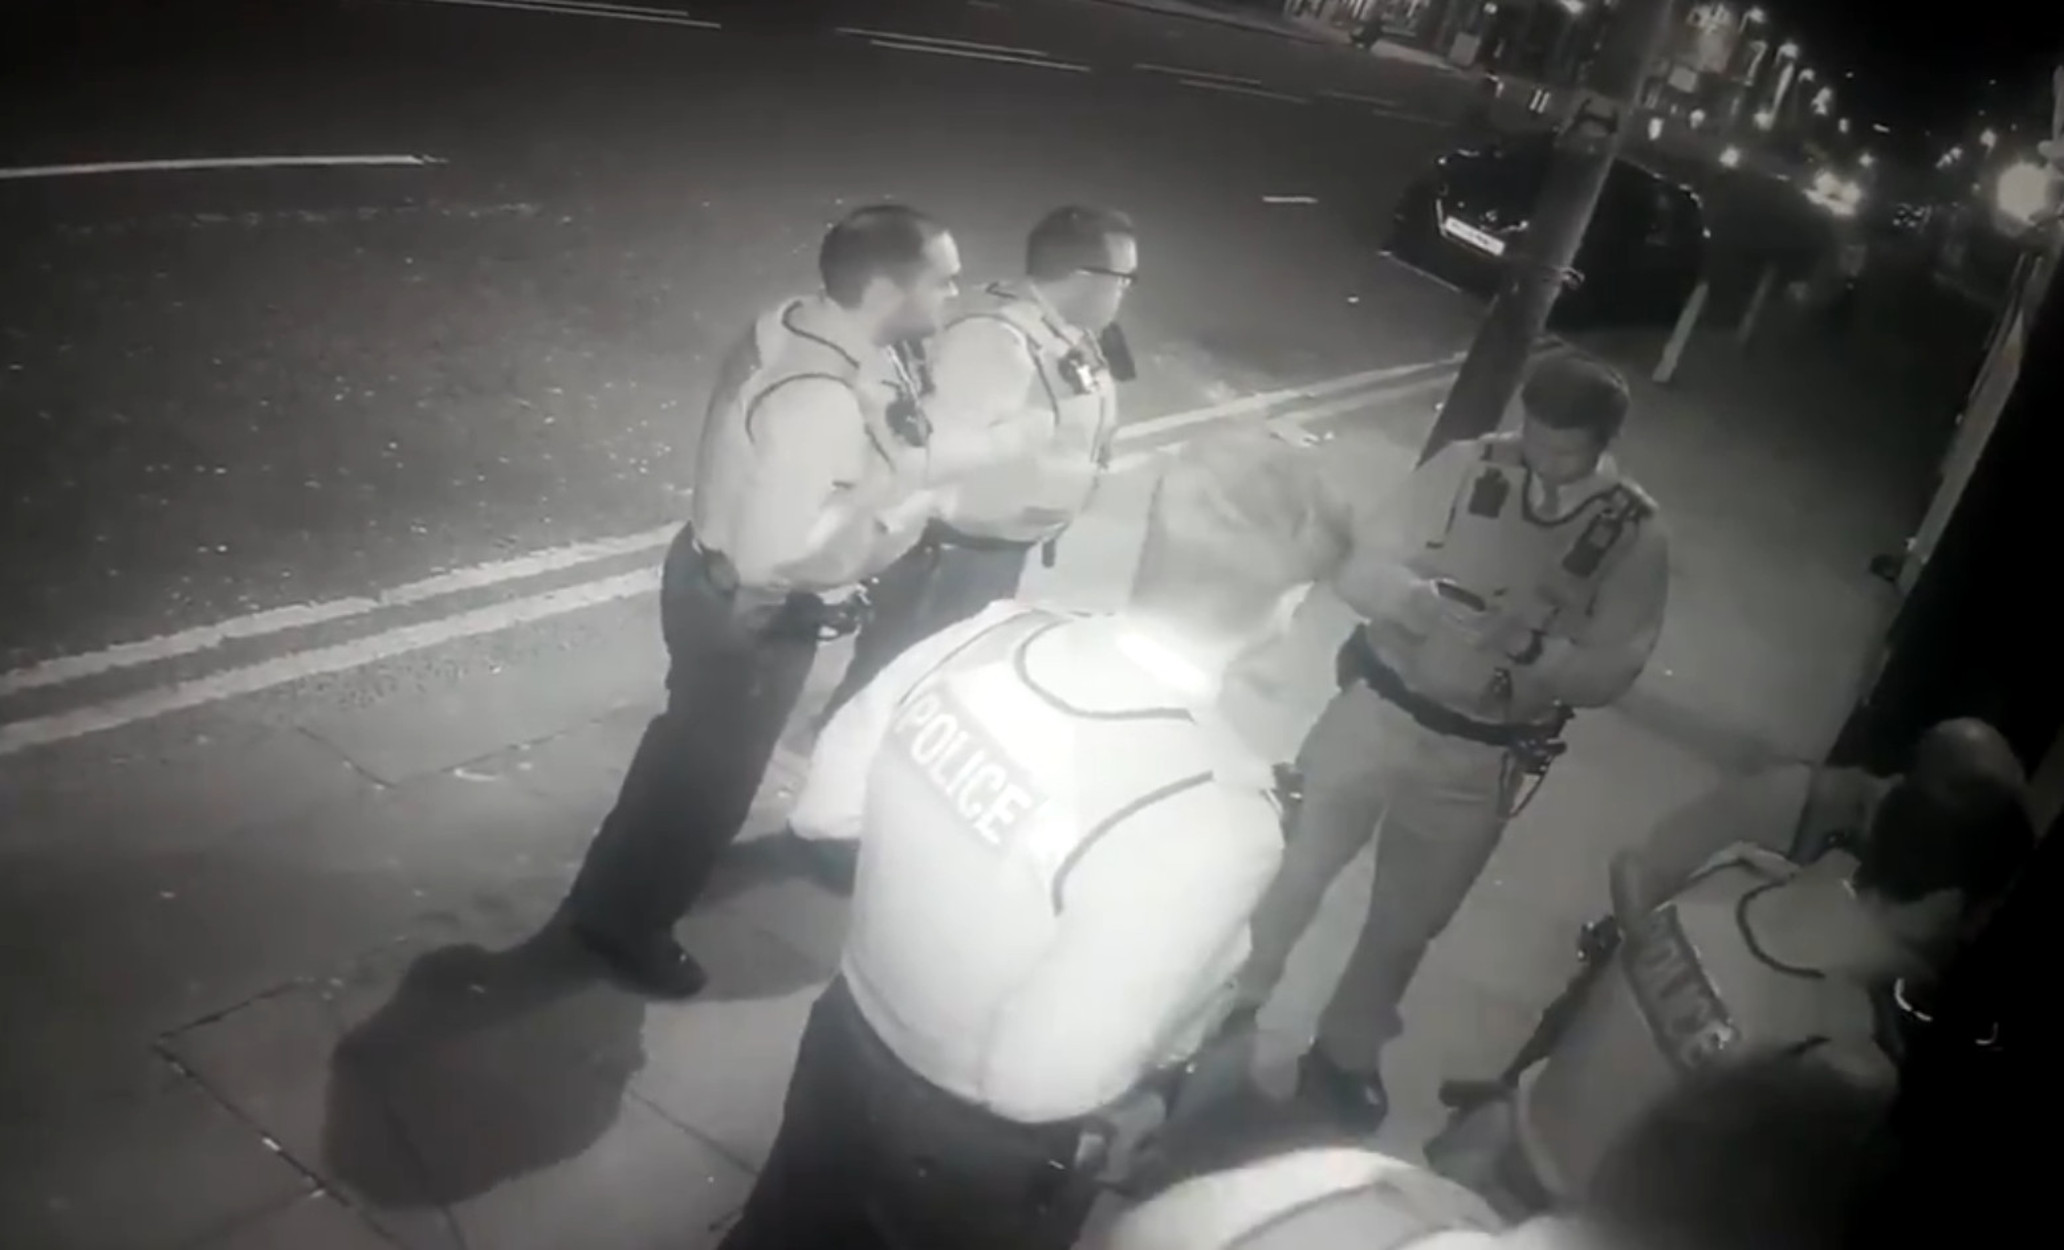 Λίβερπουλ: Απίστευτη γκάφα! 200 αστυνομικοί μπούκαραν σε… κλειστό comedy club (video)